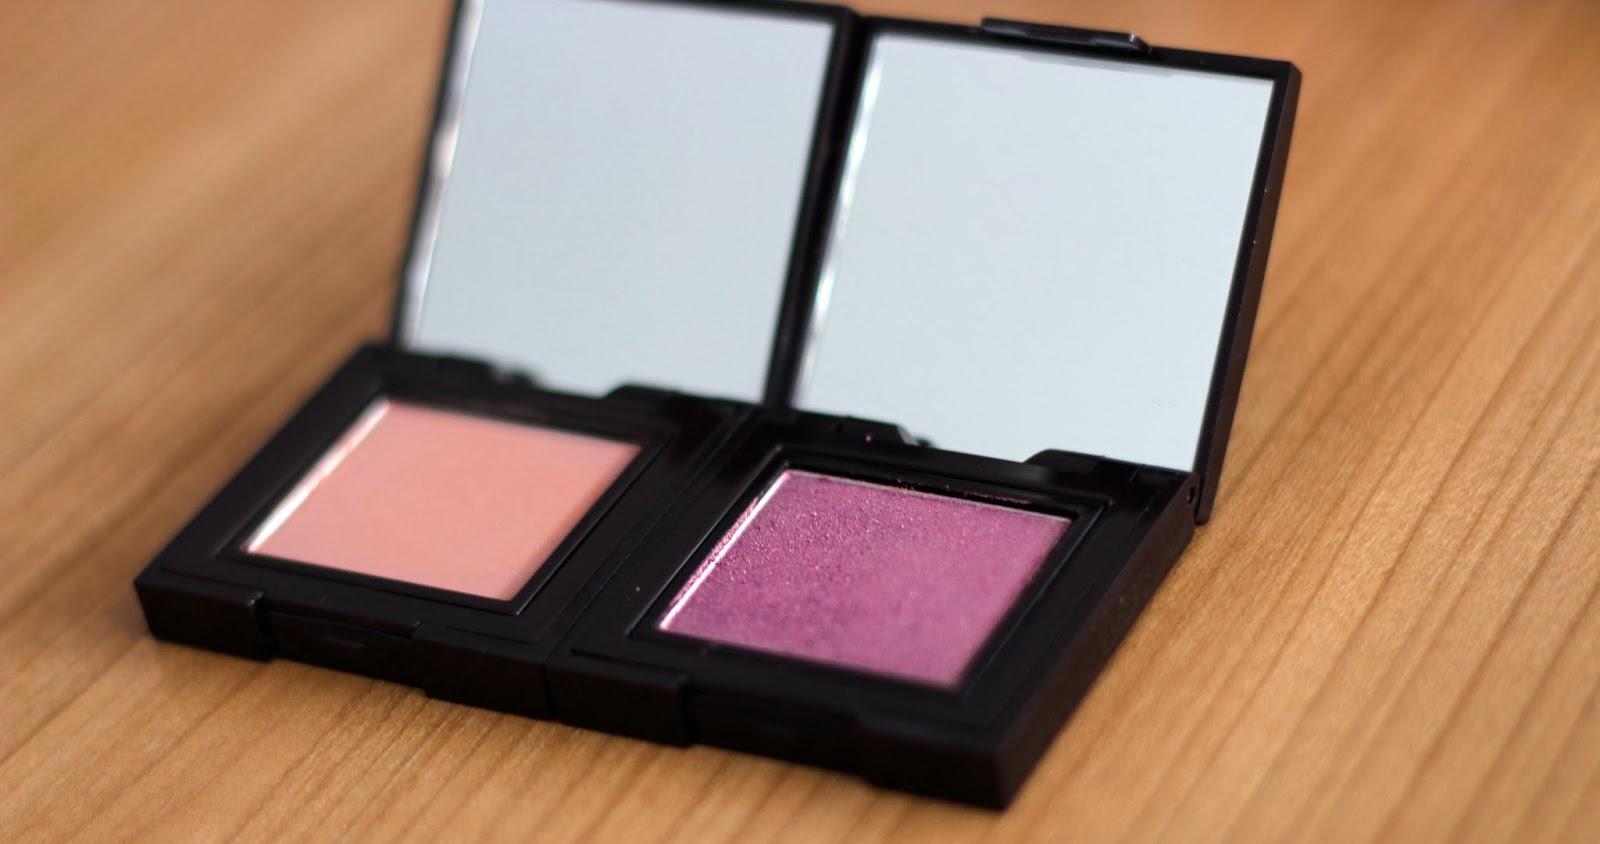 new-in-dior-laura-mercier-smashbox-makeup-7